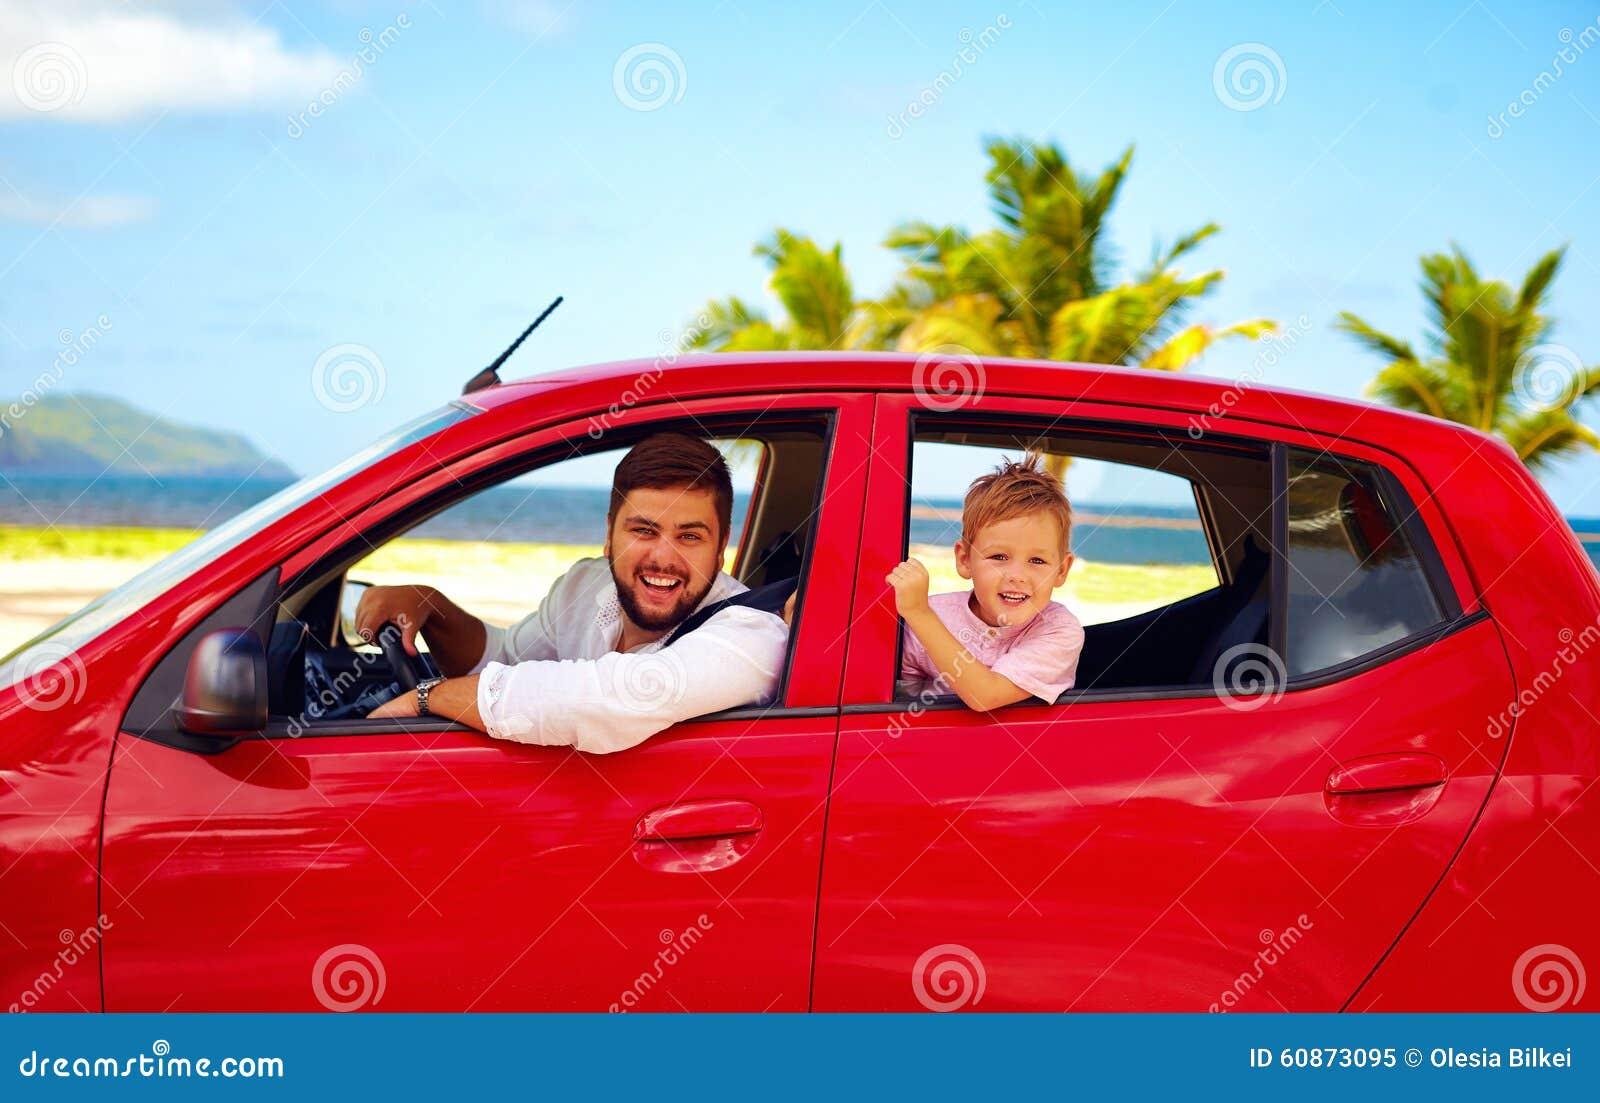 Pai feliz e filho que viajam no carro em férias de verão